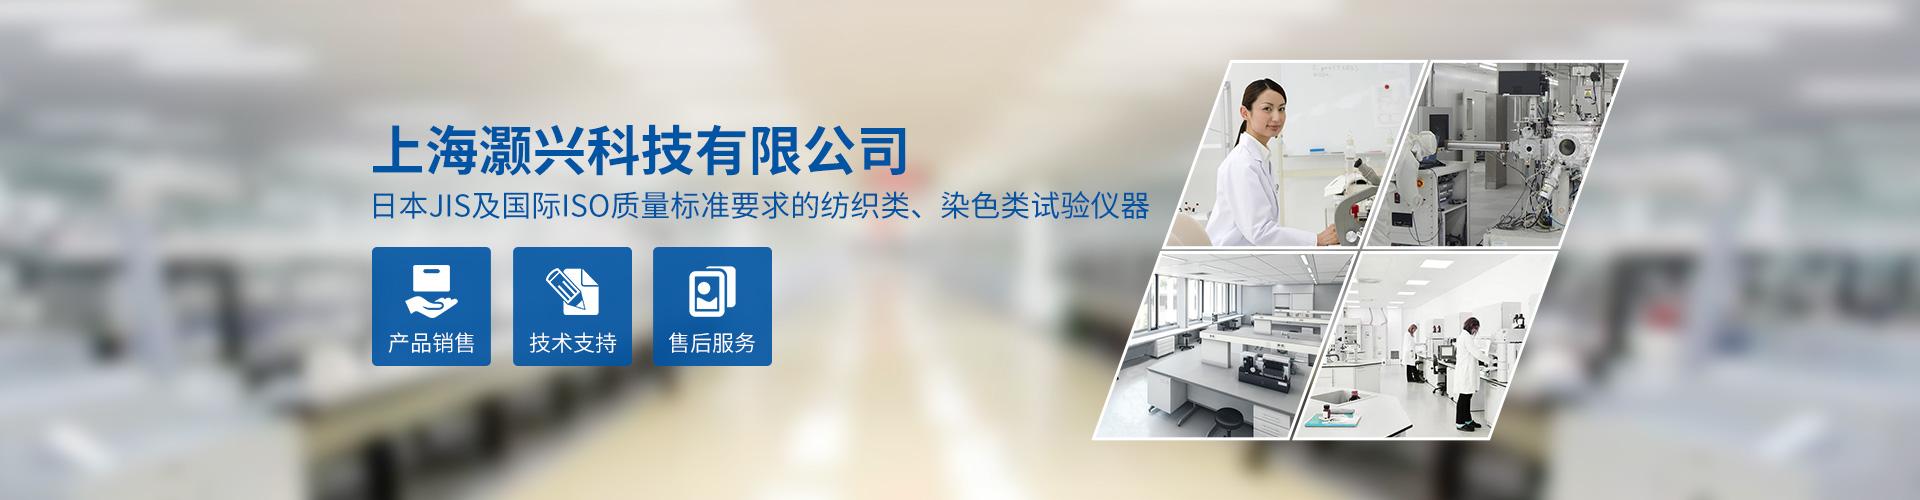 欢迎访问上海灏兴科技有限公司网站